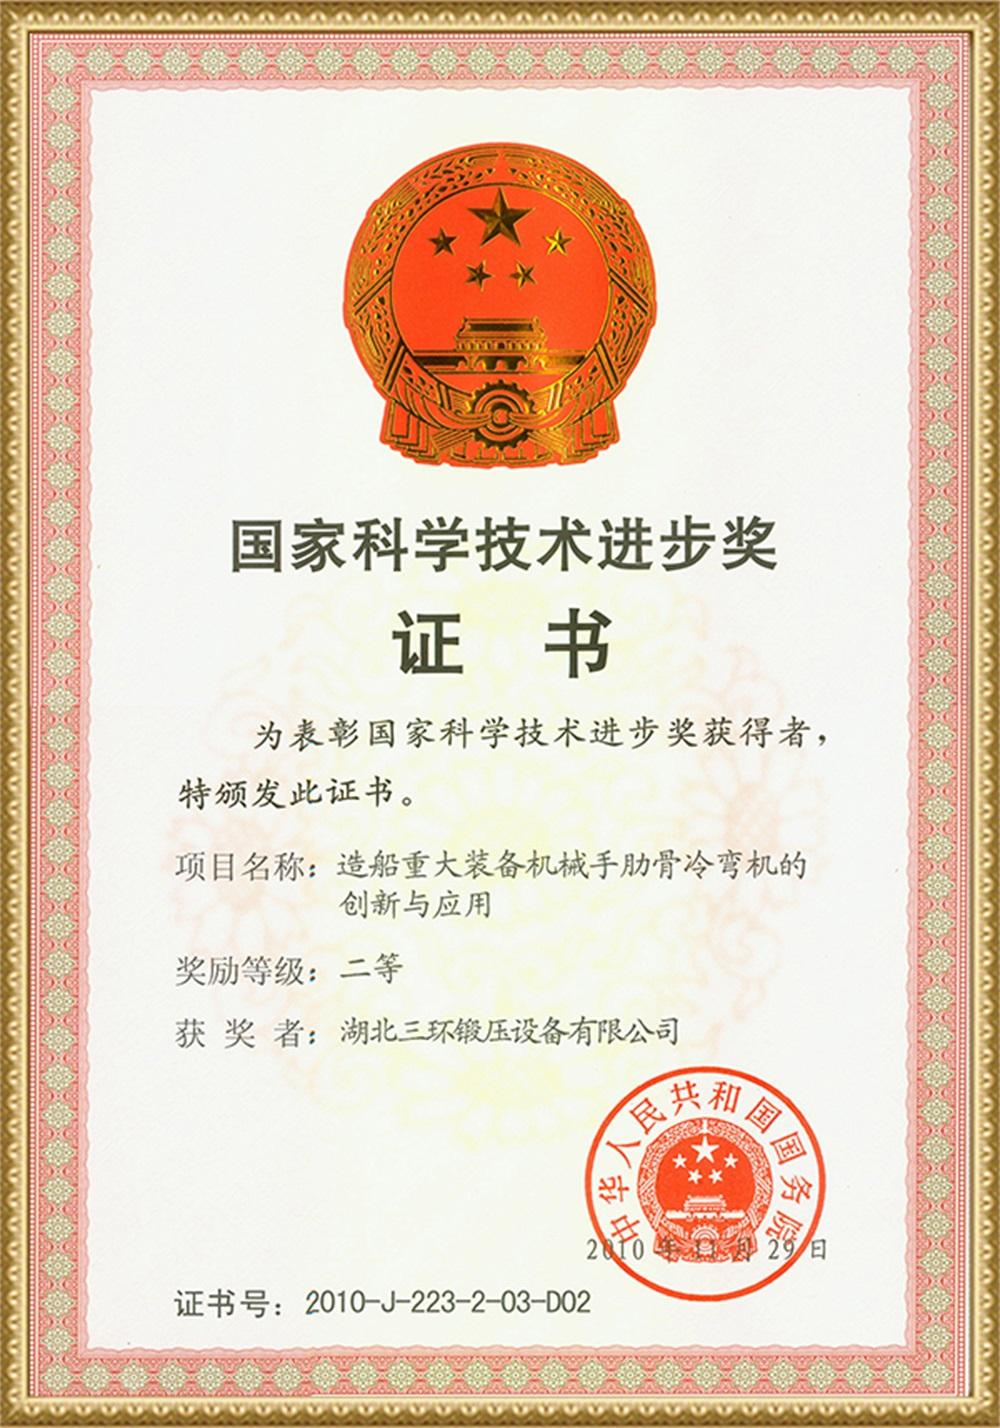 2010国家科学技术进步奖